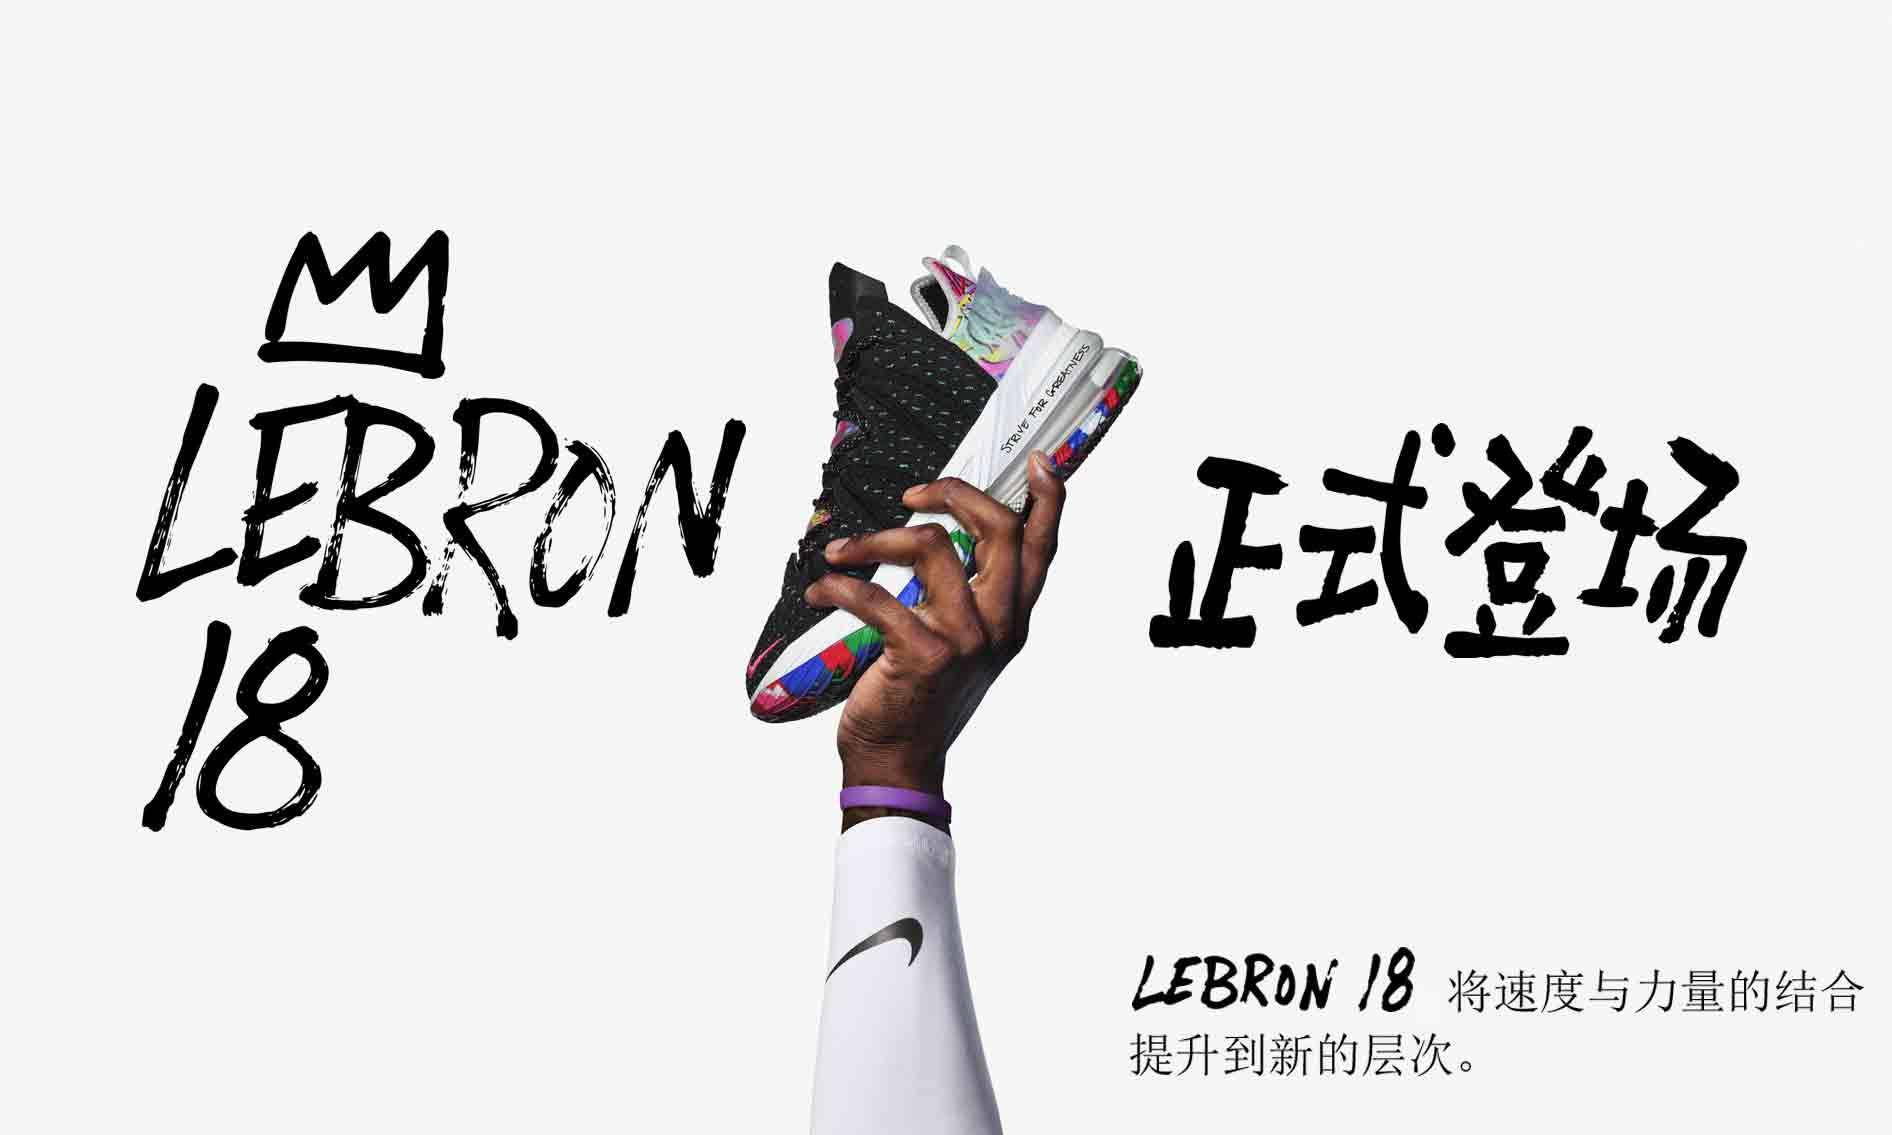 Nike LEBRON 18 正式登场